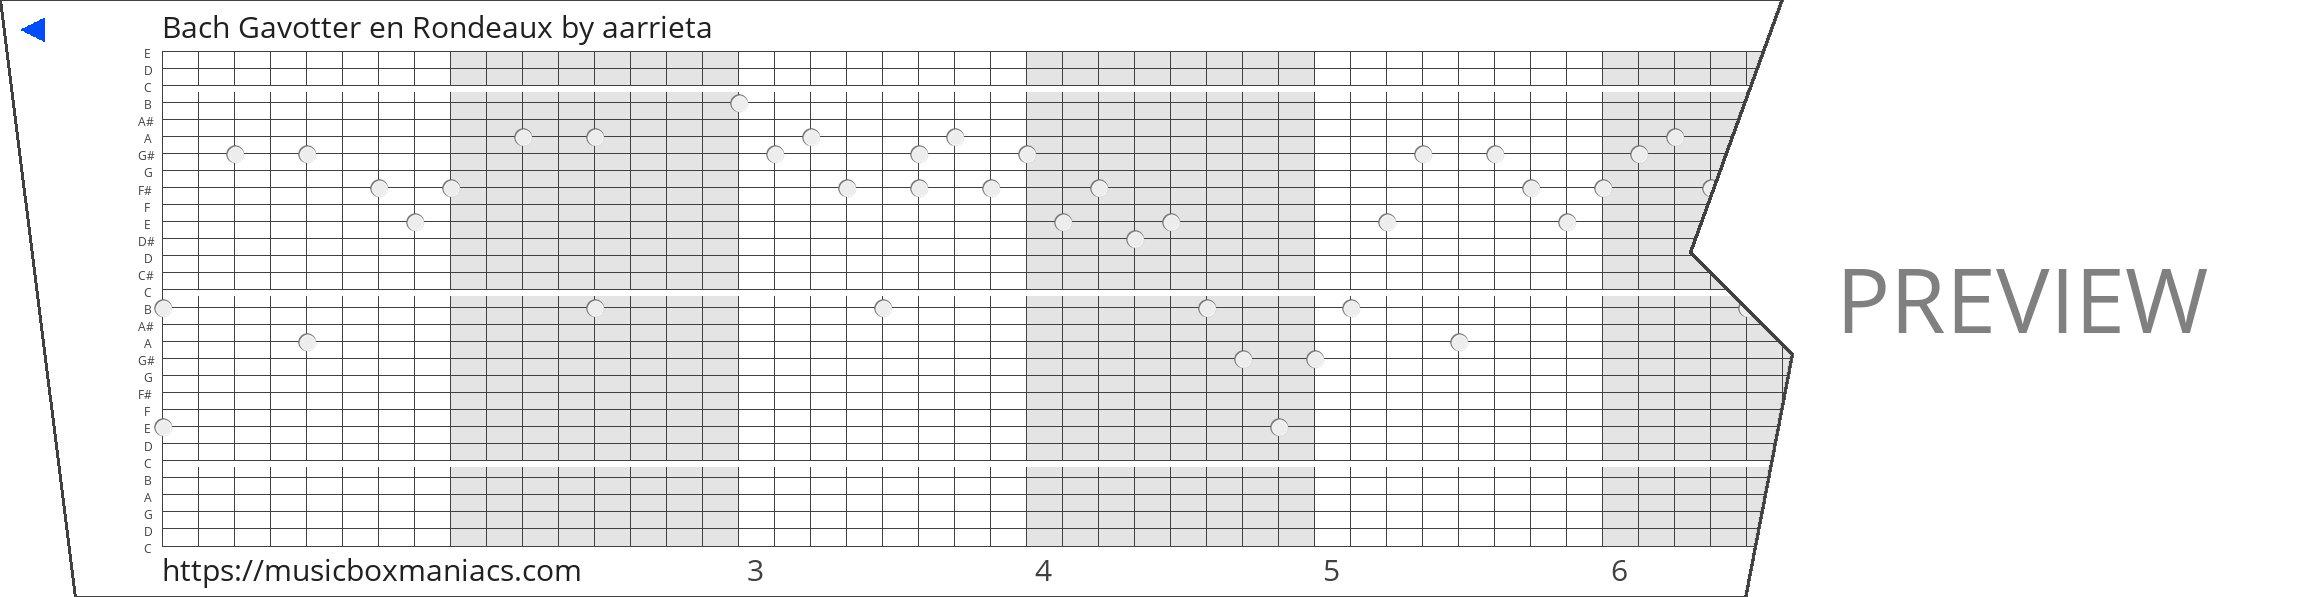 Bach Gavotter en Rondeaux 30 note music box paper strip